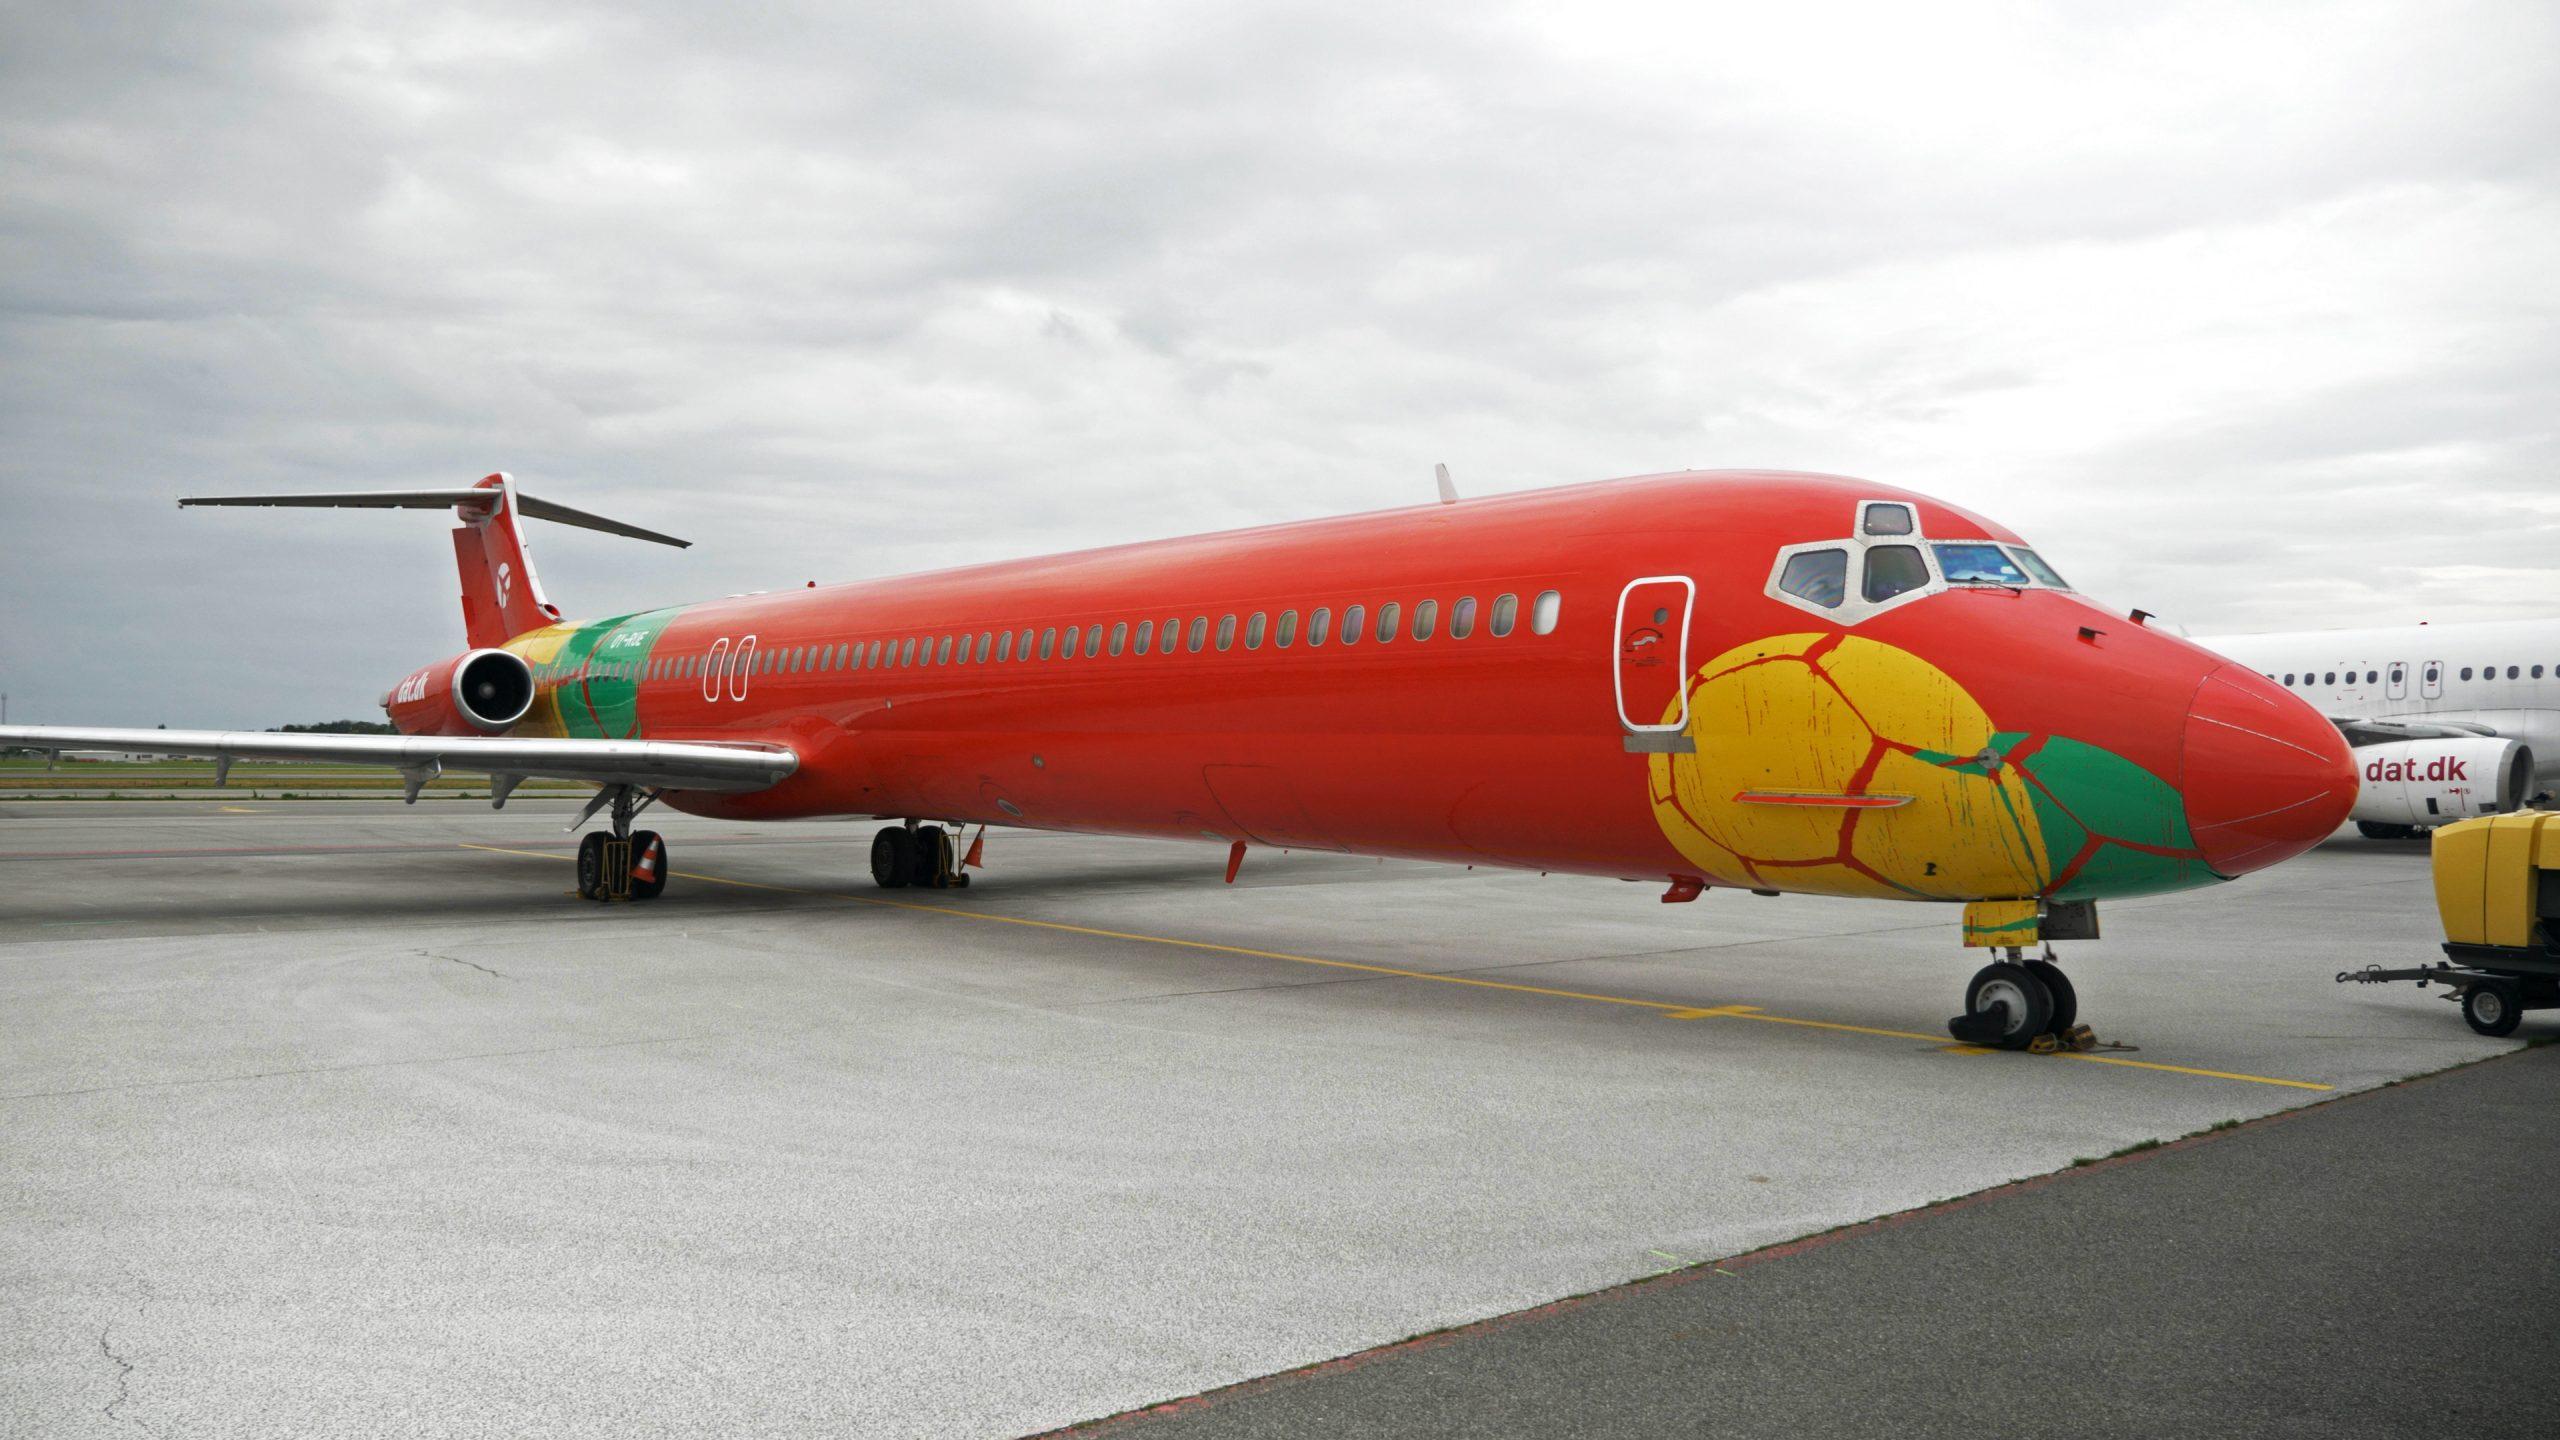 DAT's særflyvning til Porto Santo gennemføres med en MD83, der normalt har 172 sæder, men i dette tilfælde har 90 business class-Business stole og 27 sæder på economy. PR-foto: DAT.